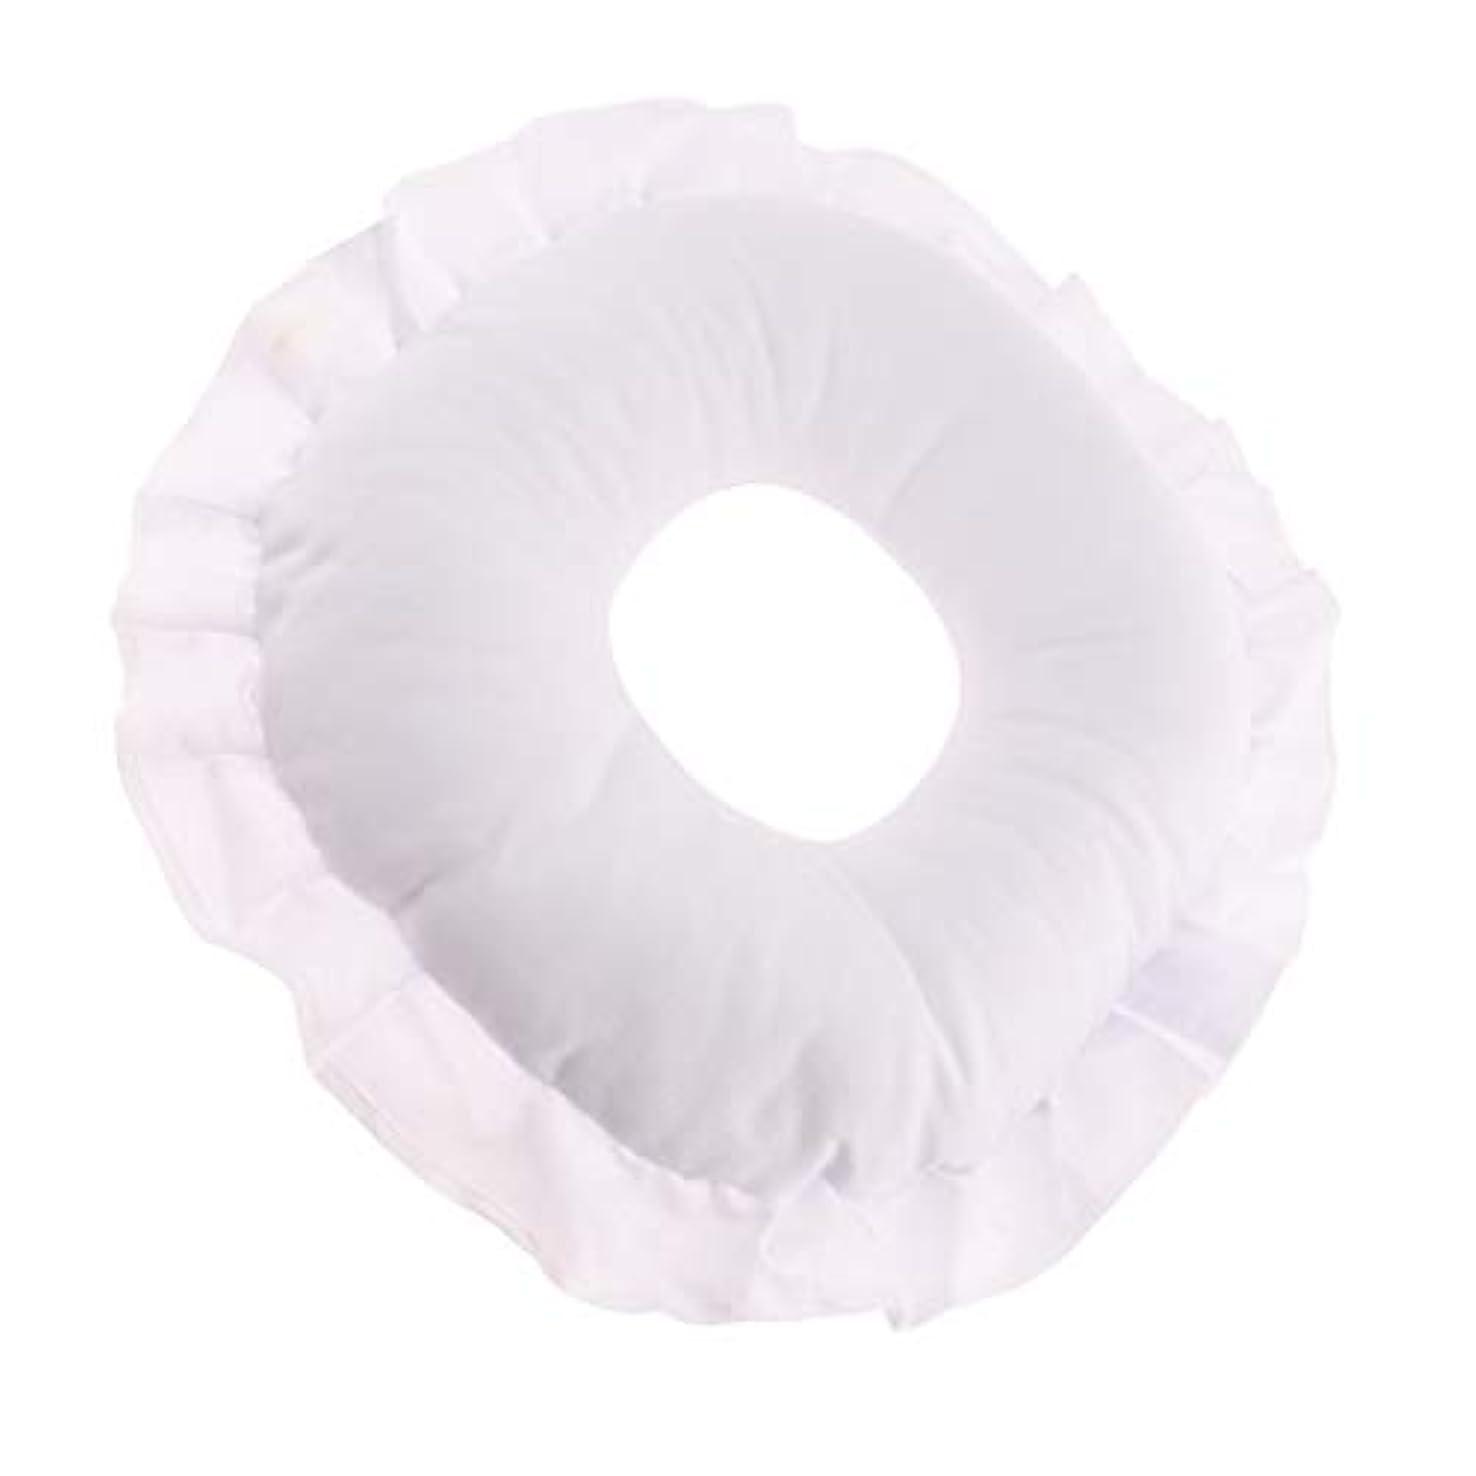 安西アーティスト不十分なCUTICATE 全3色 フェイスピロー 顔枕 マッサージ枕 マッサージテーブルピロー 柔軟 洗えるカバー リラックス - 白